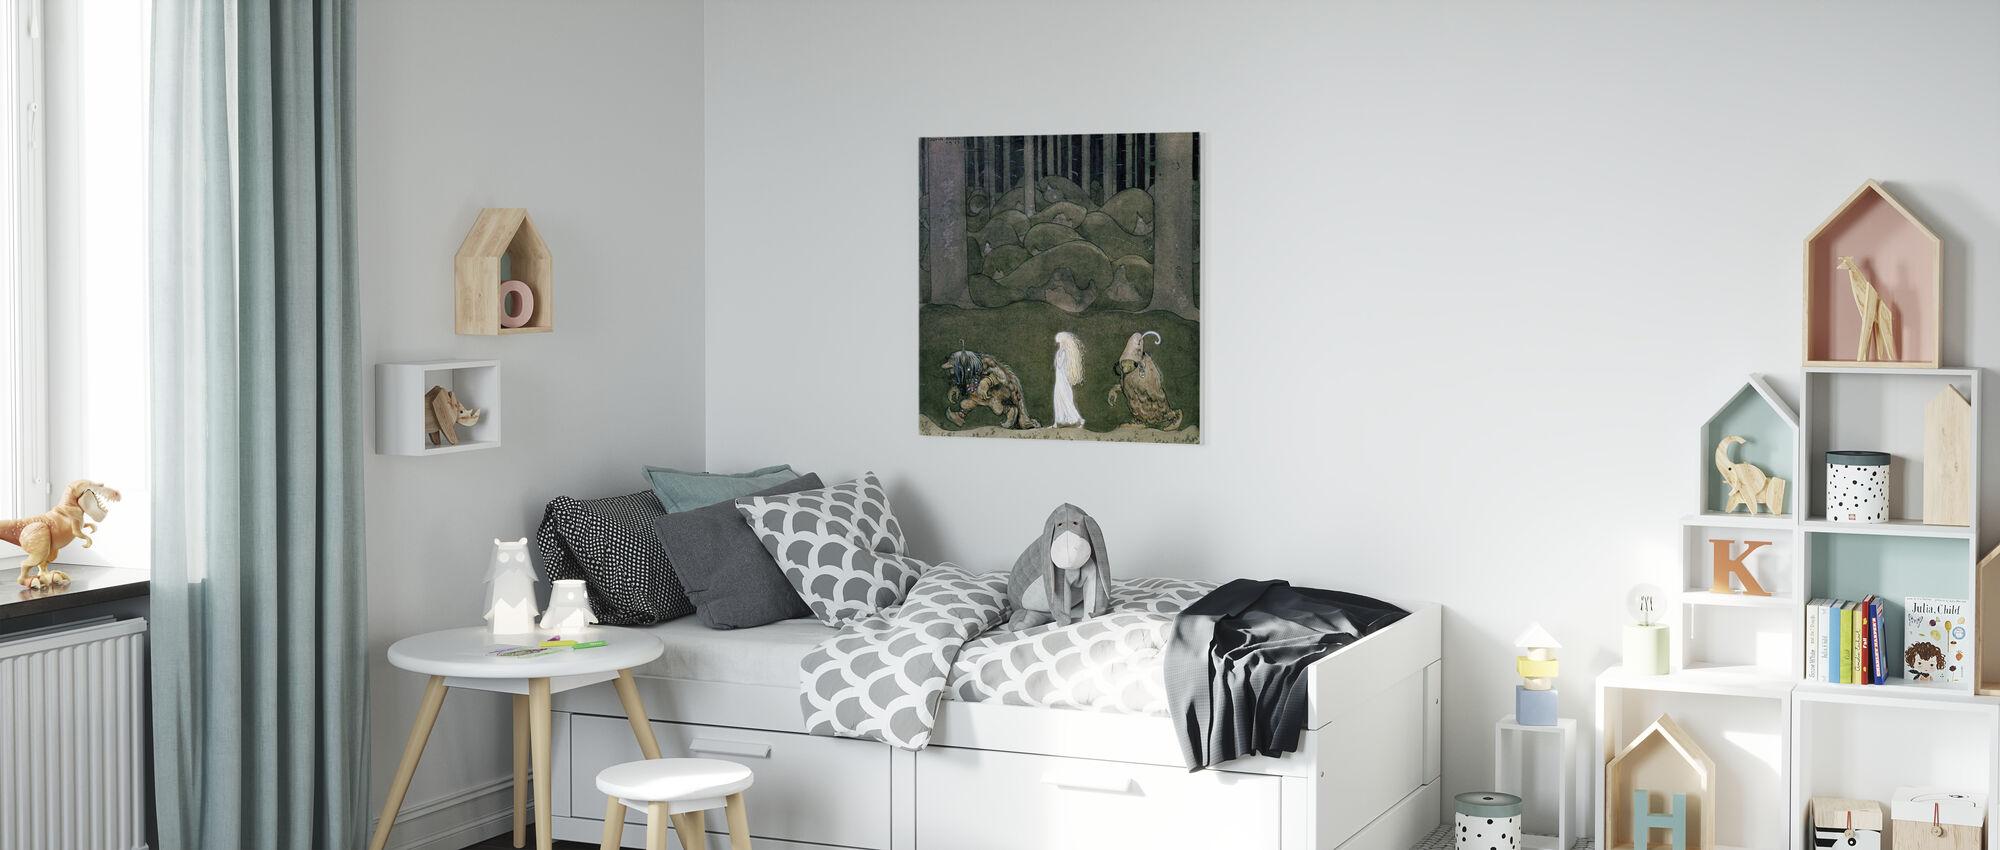 Princesse et les Trolls - John Bauer - Impression sur toile - Chambre des enfants